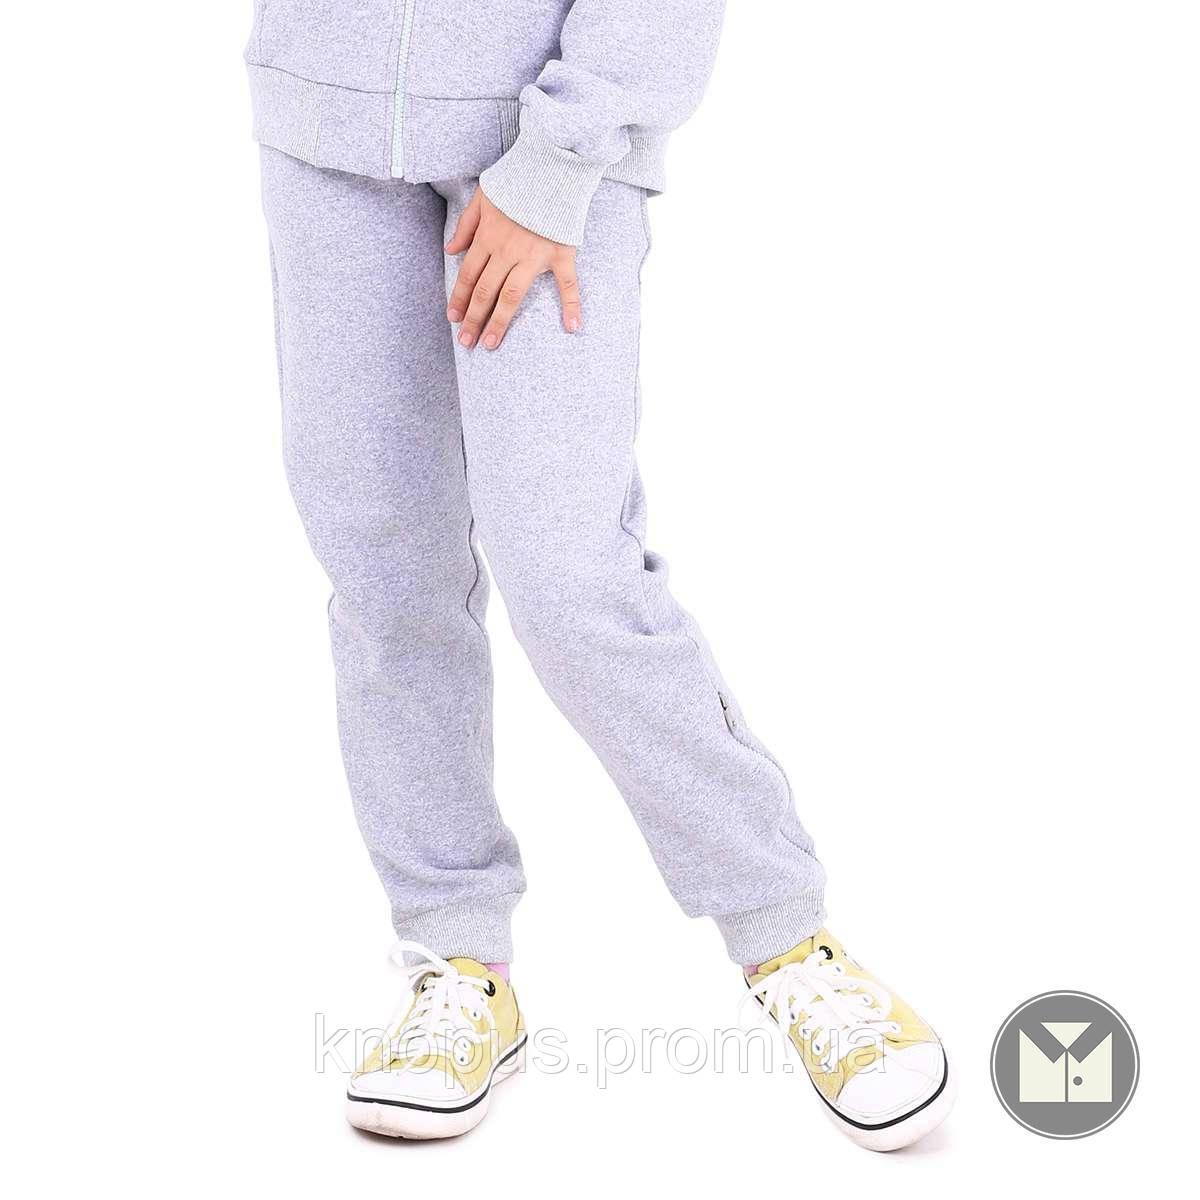 Утерленные спортивные штаны  для девочки светло-серые, Naomi, размер 134, Тимбо